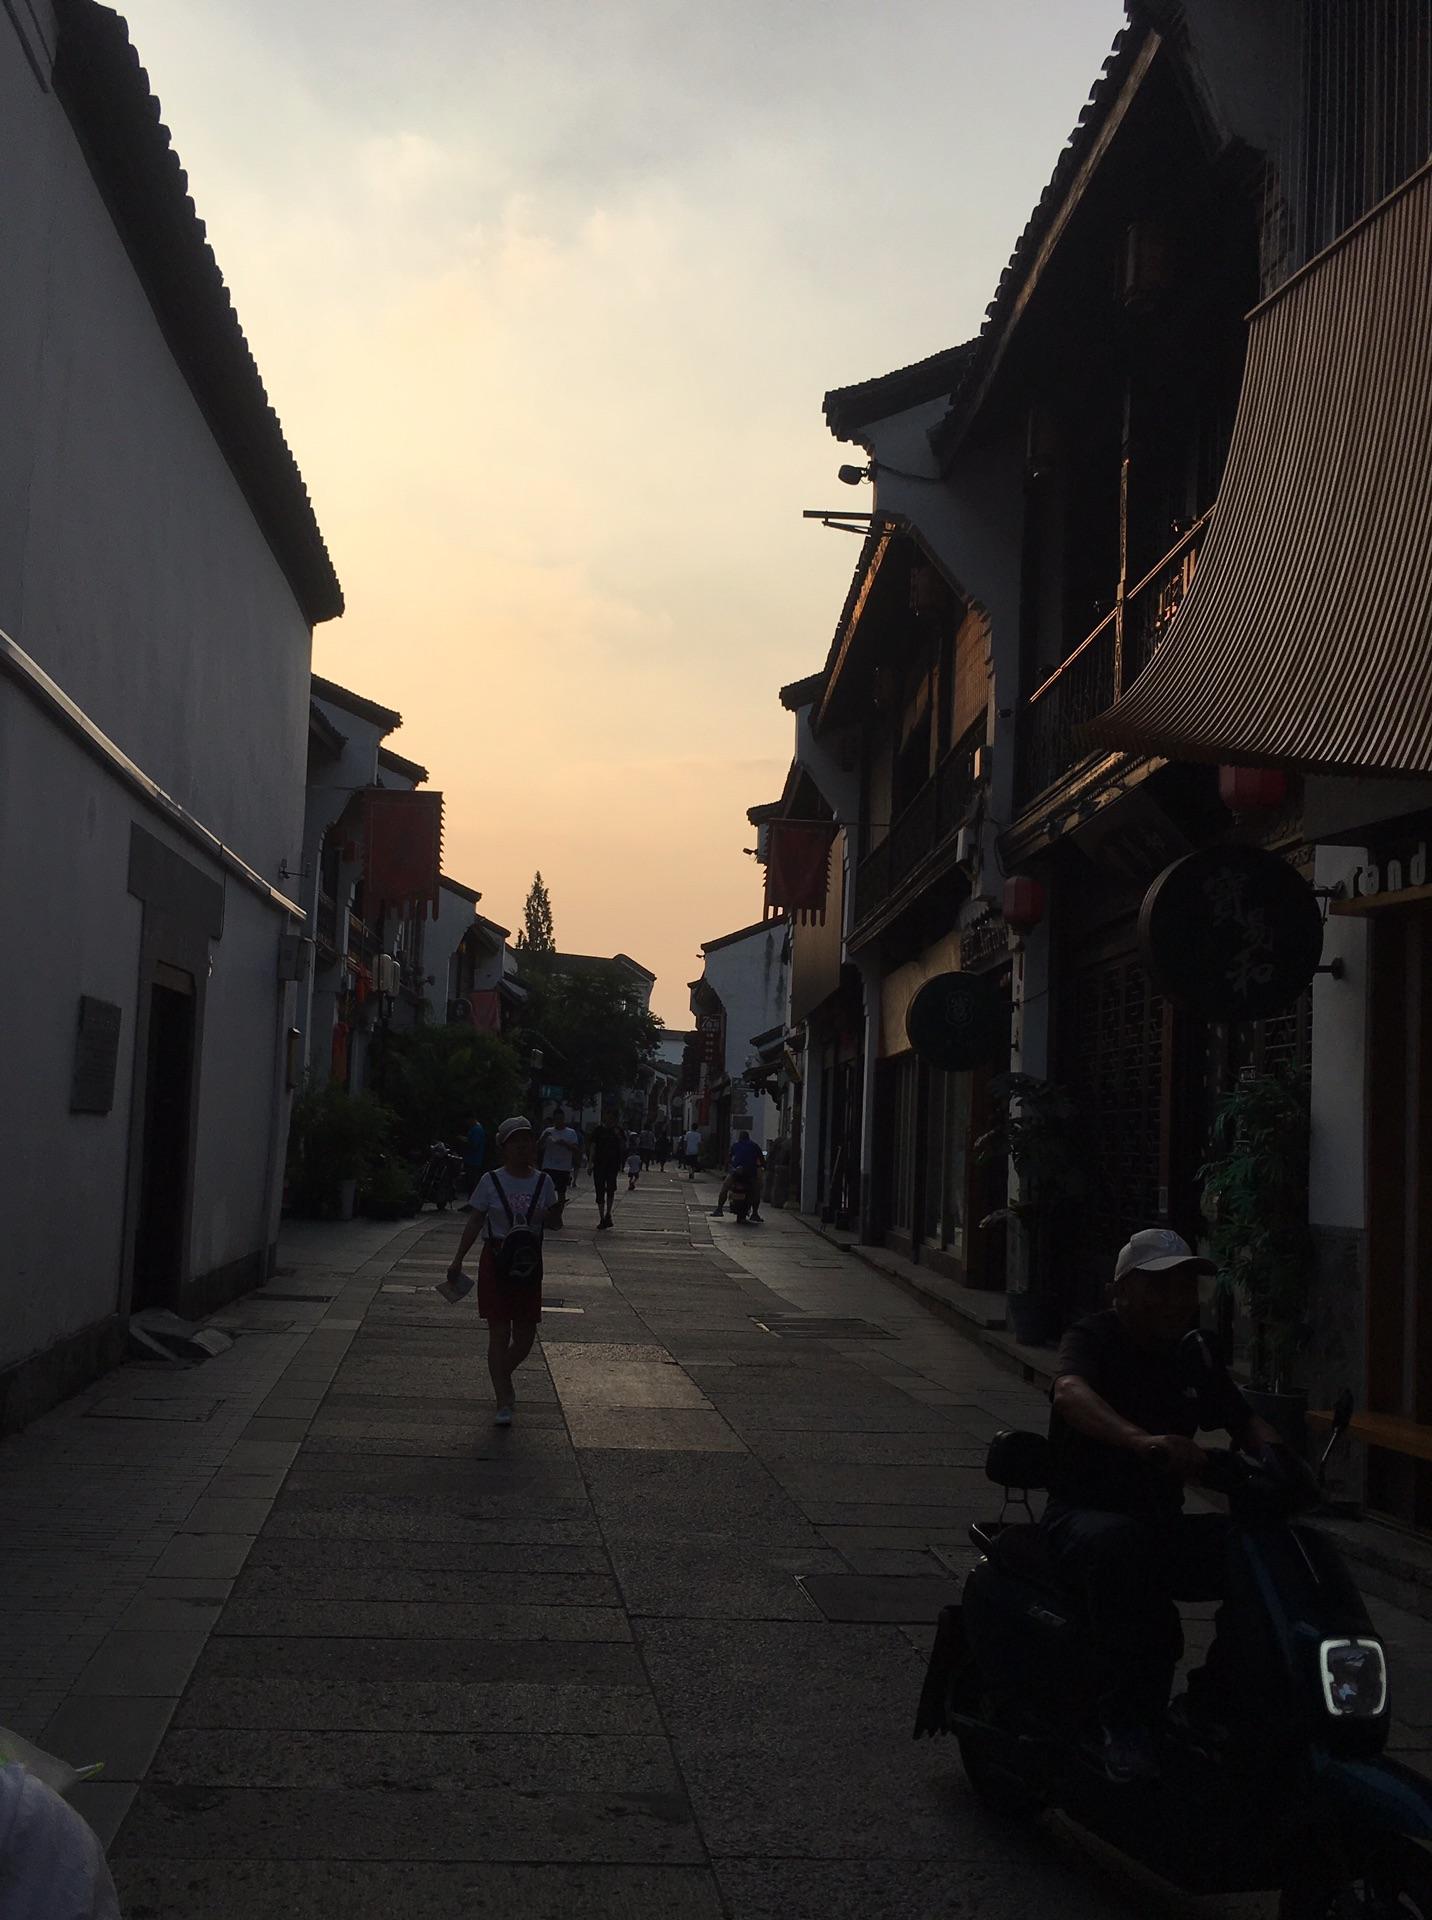 杭州四天三夜游玩.第一天~清河坊历史街区